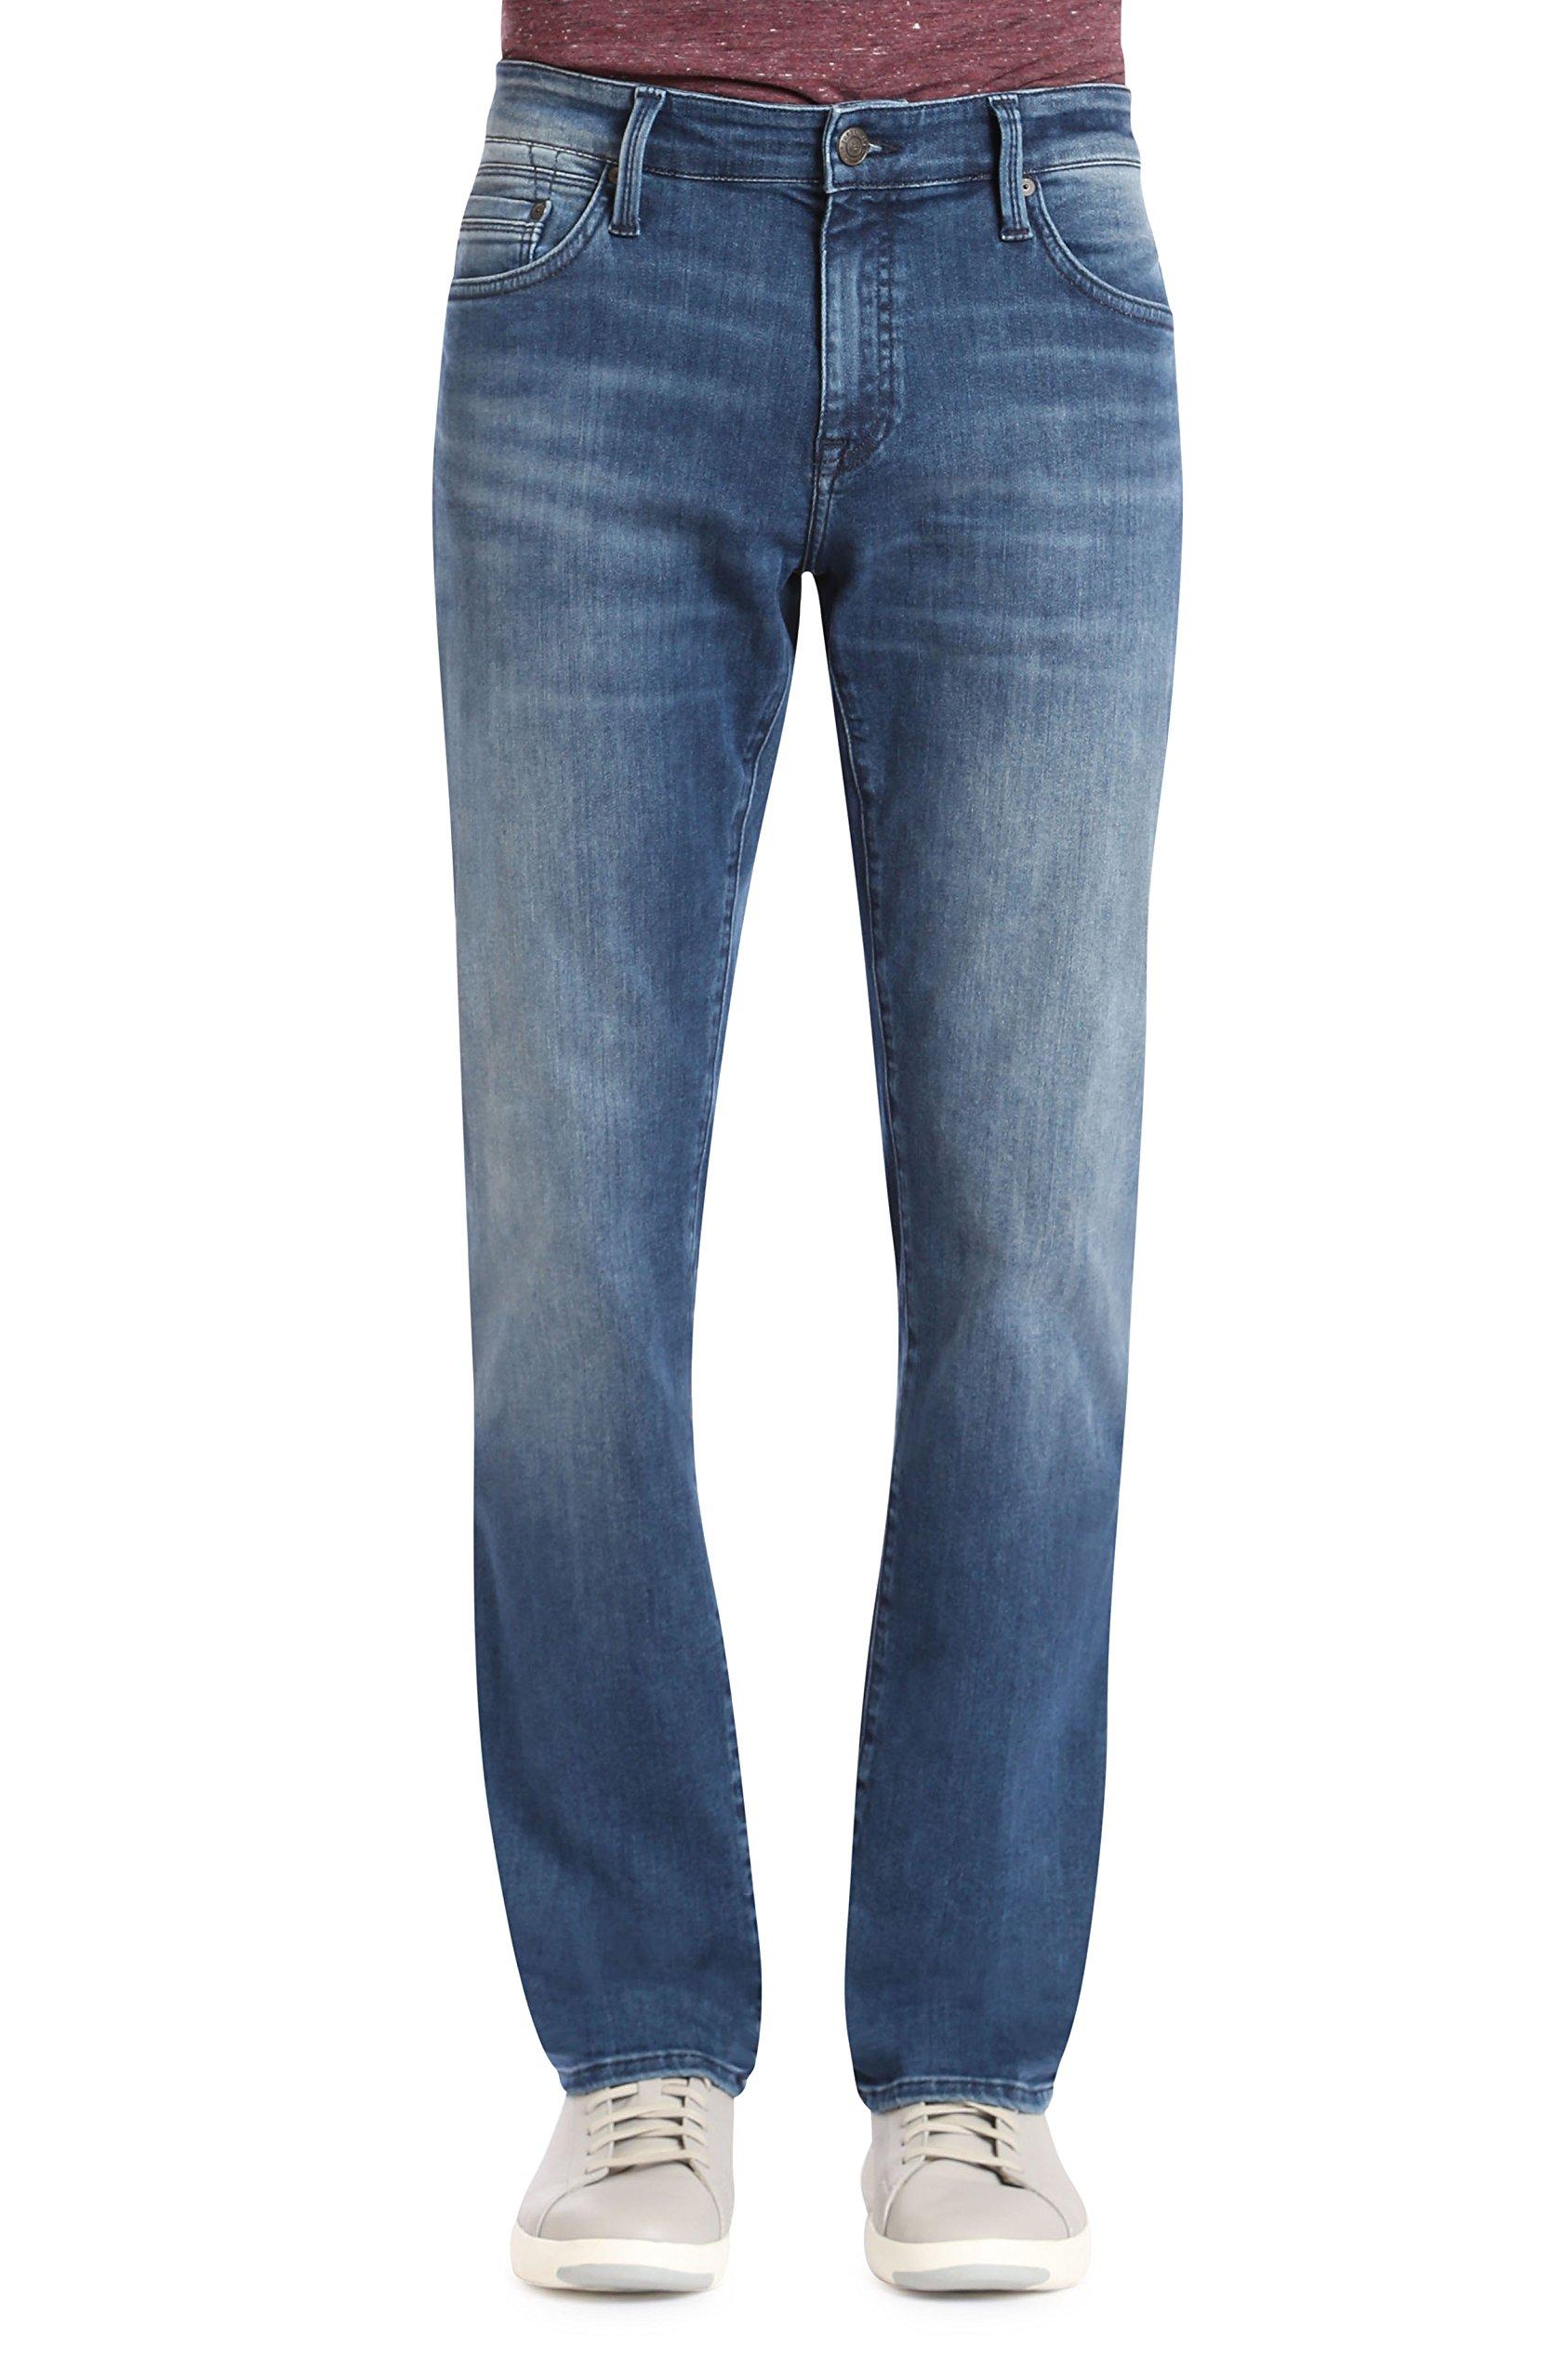 Mavi Men's Jake Regular-Rise Tapered Slim Fit Jeans, Mid Tonal Williamsburg, 32W x 32L